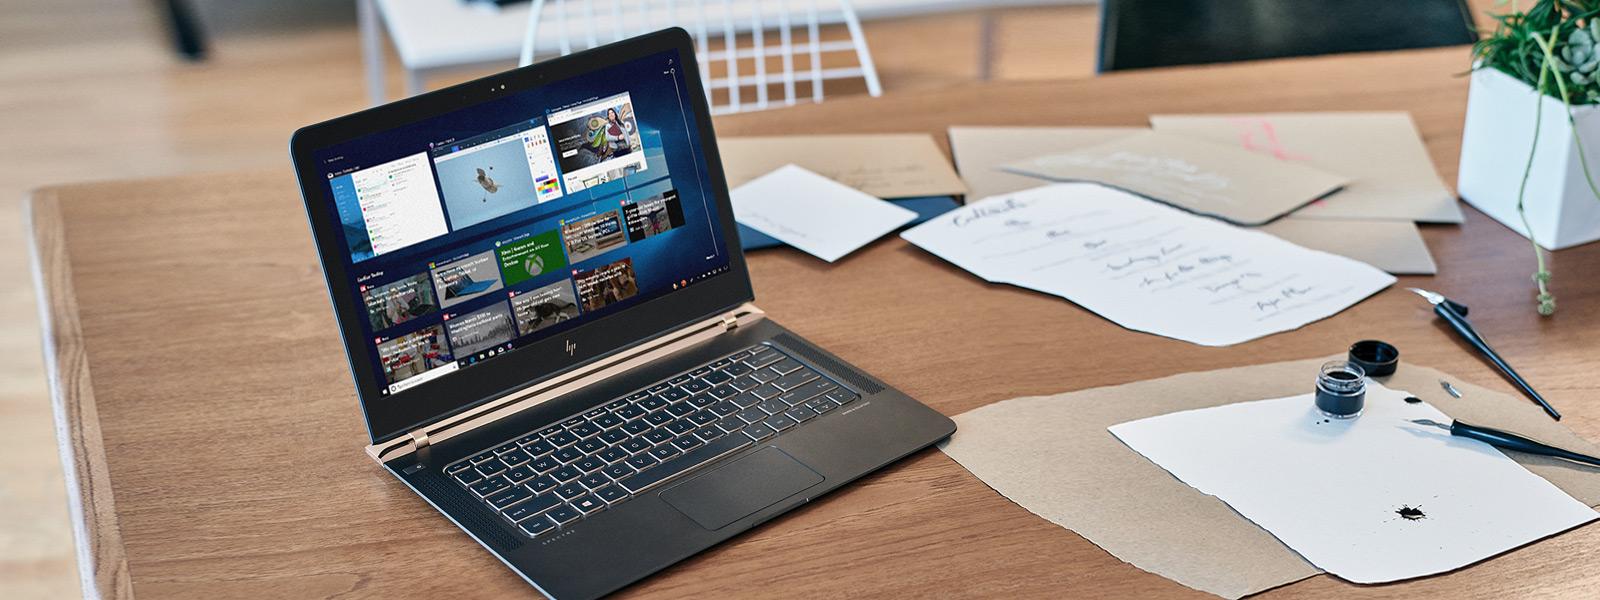 Windows Tidslinje vist på skærmen på en laptop, der står på et skrivebord